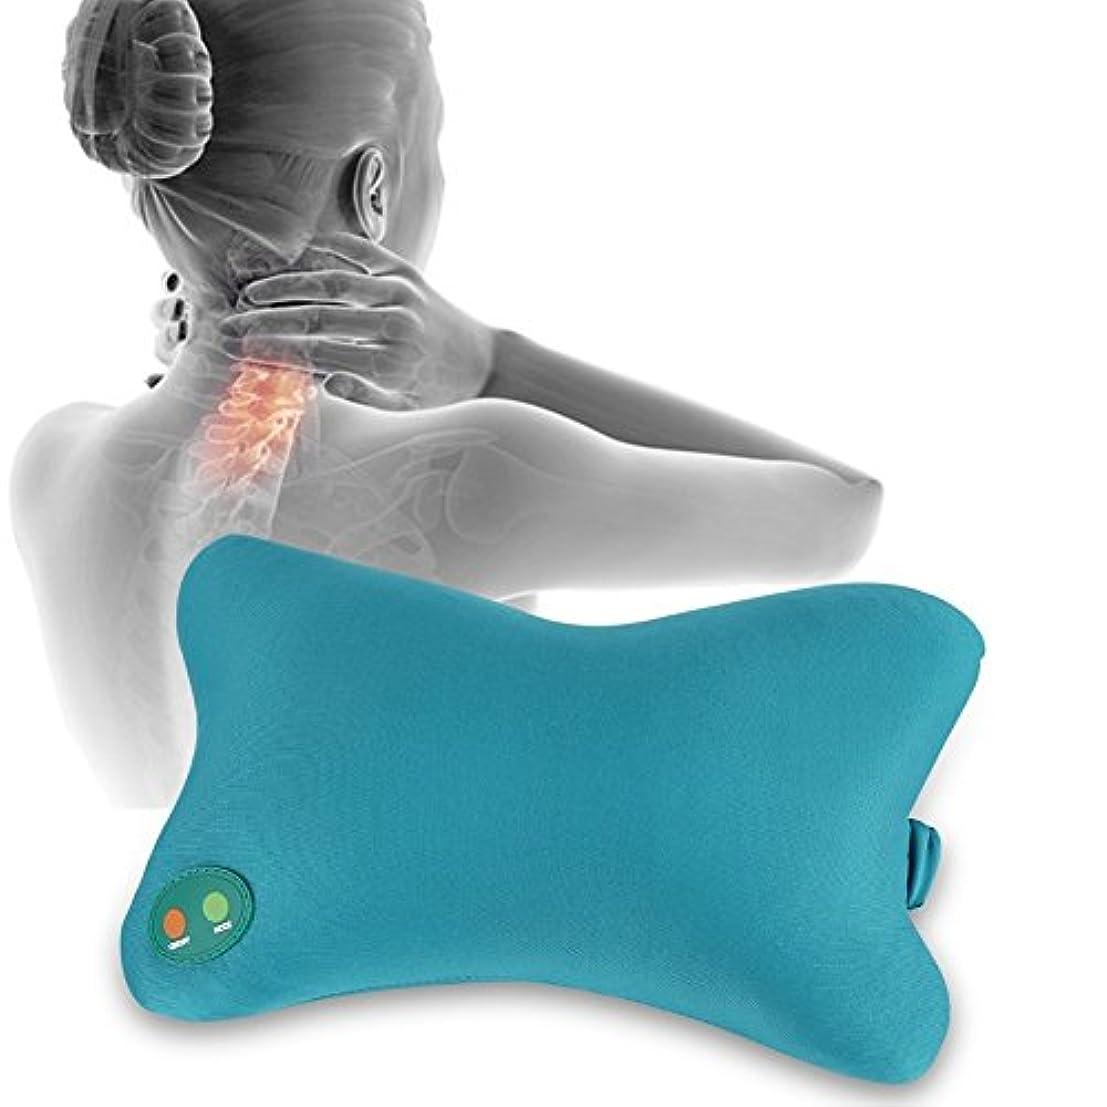 考古学的な創傷令状首の混練の柔らかい枕電気マッサージャー、携帯用通気性の柔らかい泡の枕振動マッサージの苦痛救助